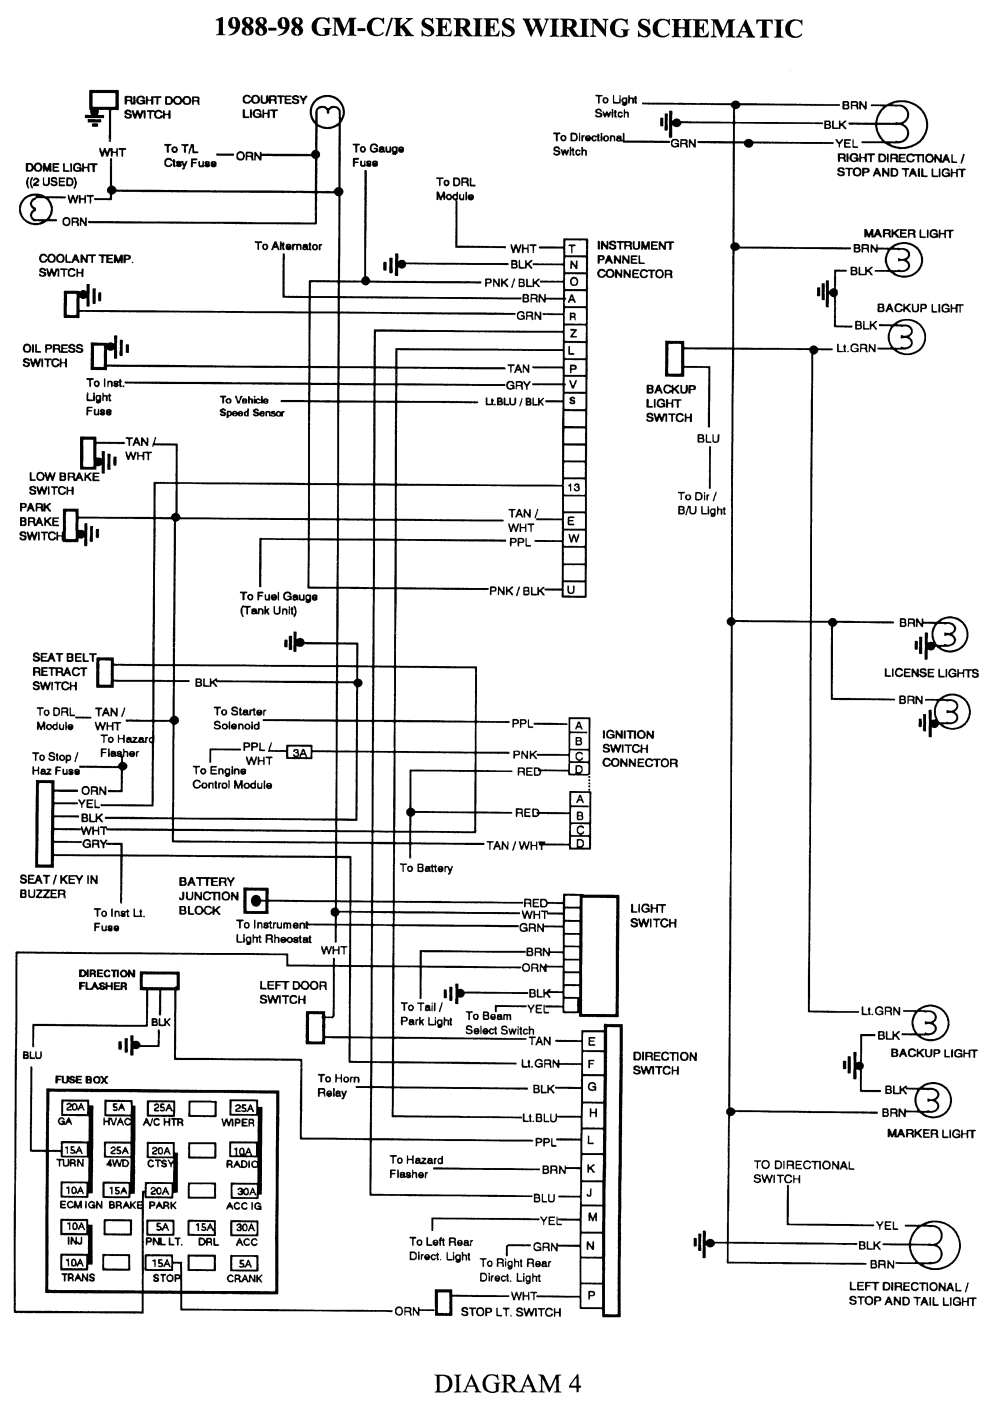 Case Ih 1660 Wiring Diagram 6b2d4 Case Ih 1660 Wiring Schematic Alternator Wiring